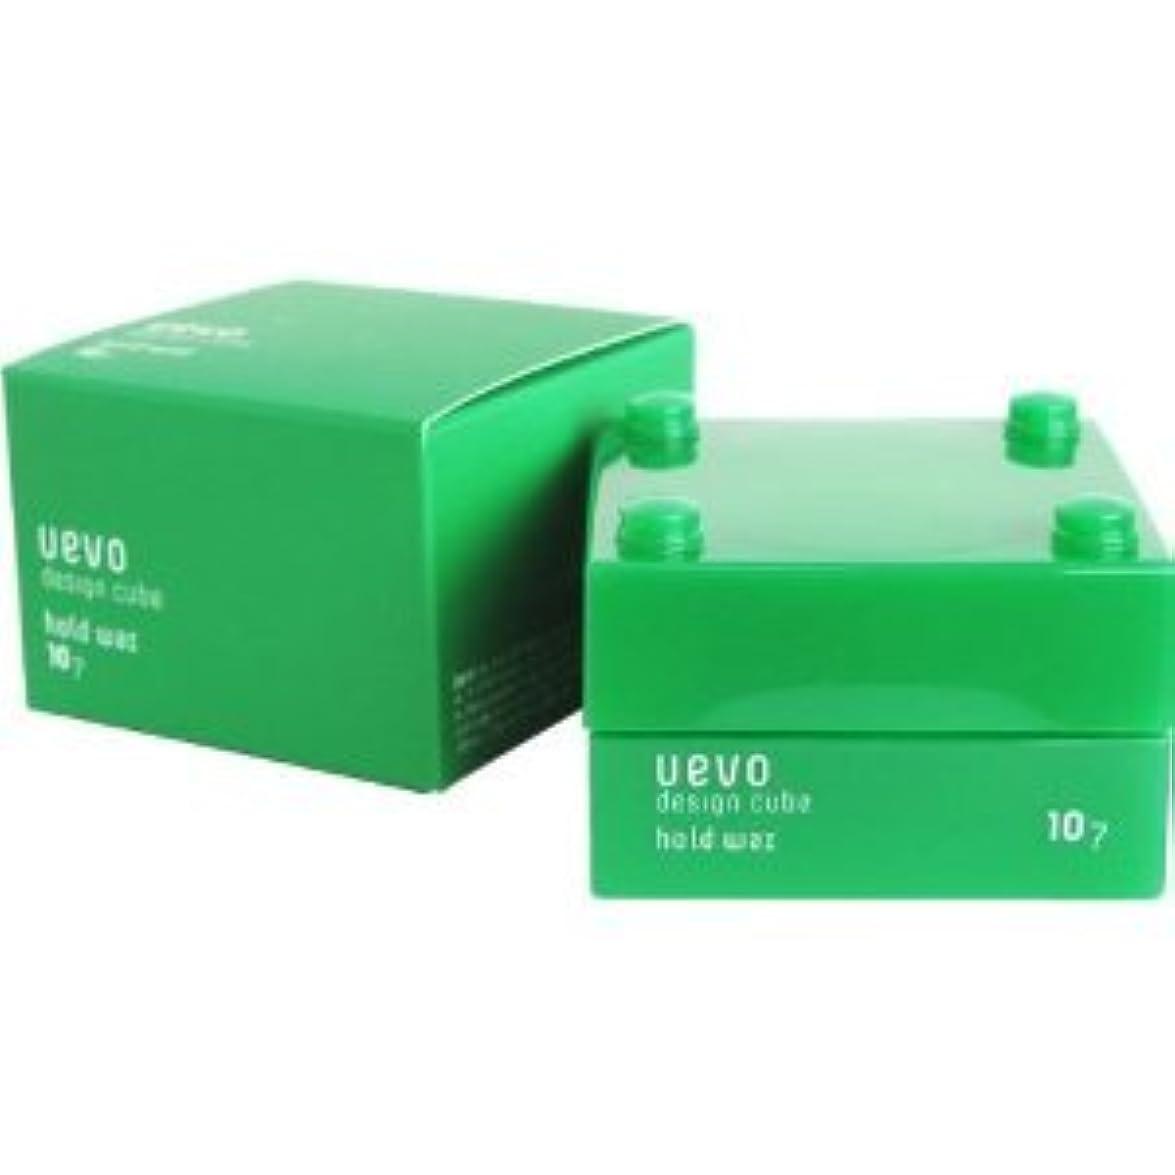 配分男年次【X3個セット】 デミ ウェーボ デザインキューブ ホールドワックス 30g hold wax DEMI uevo design cube